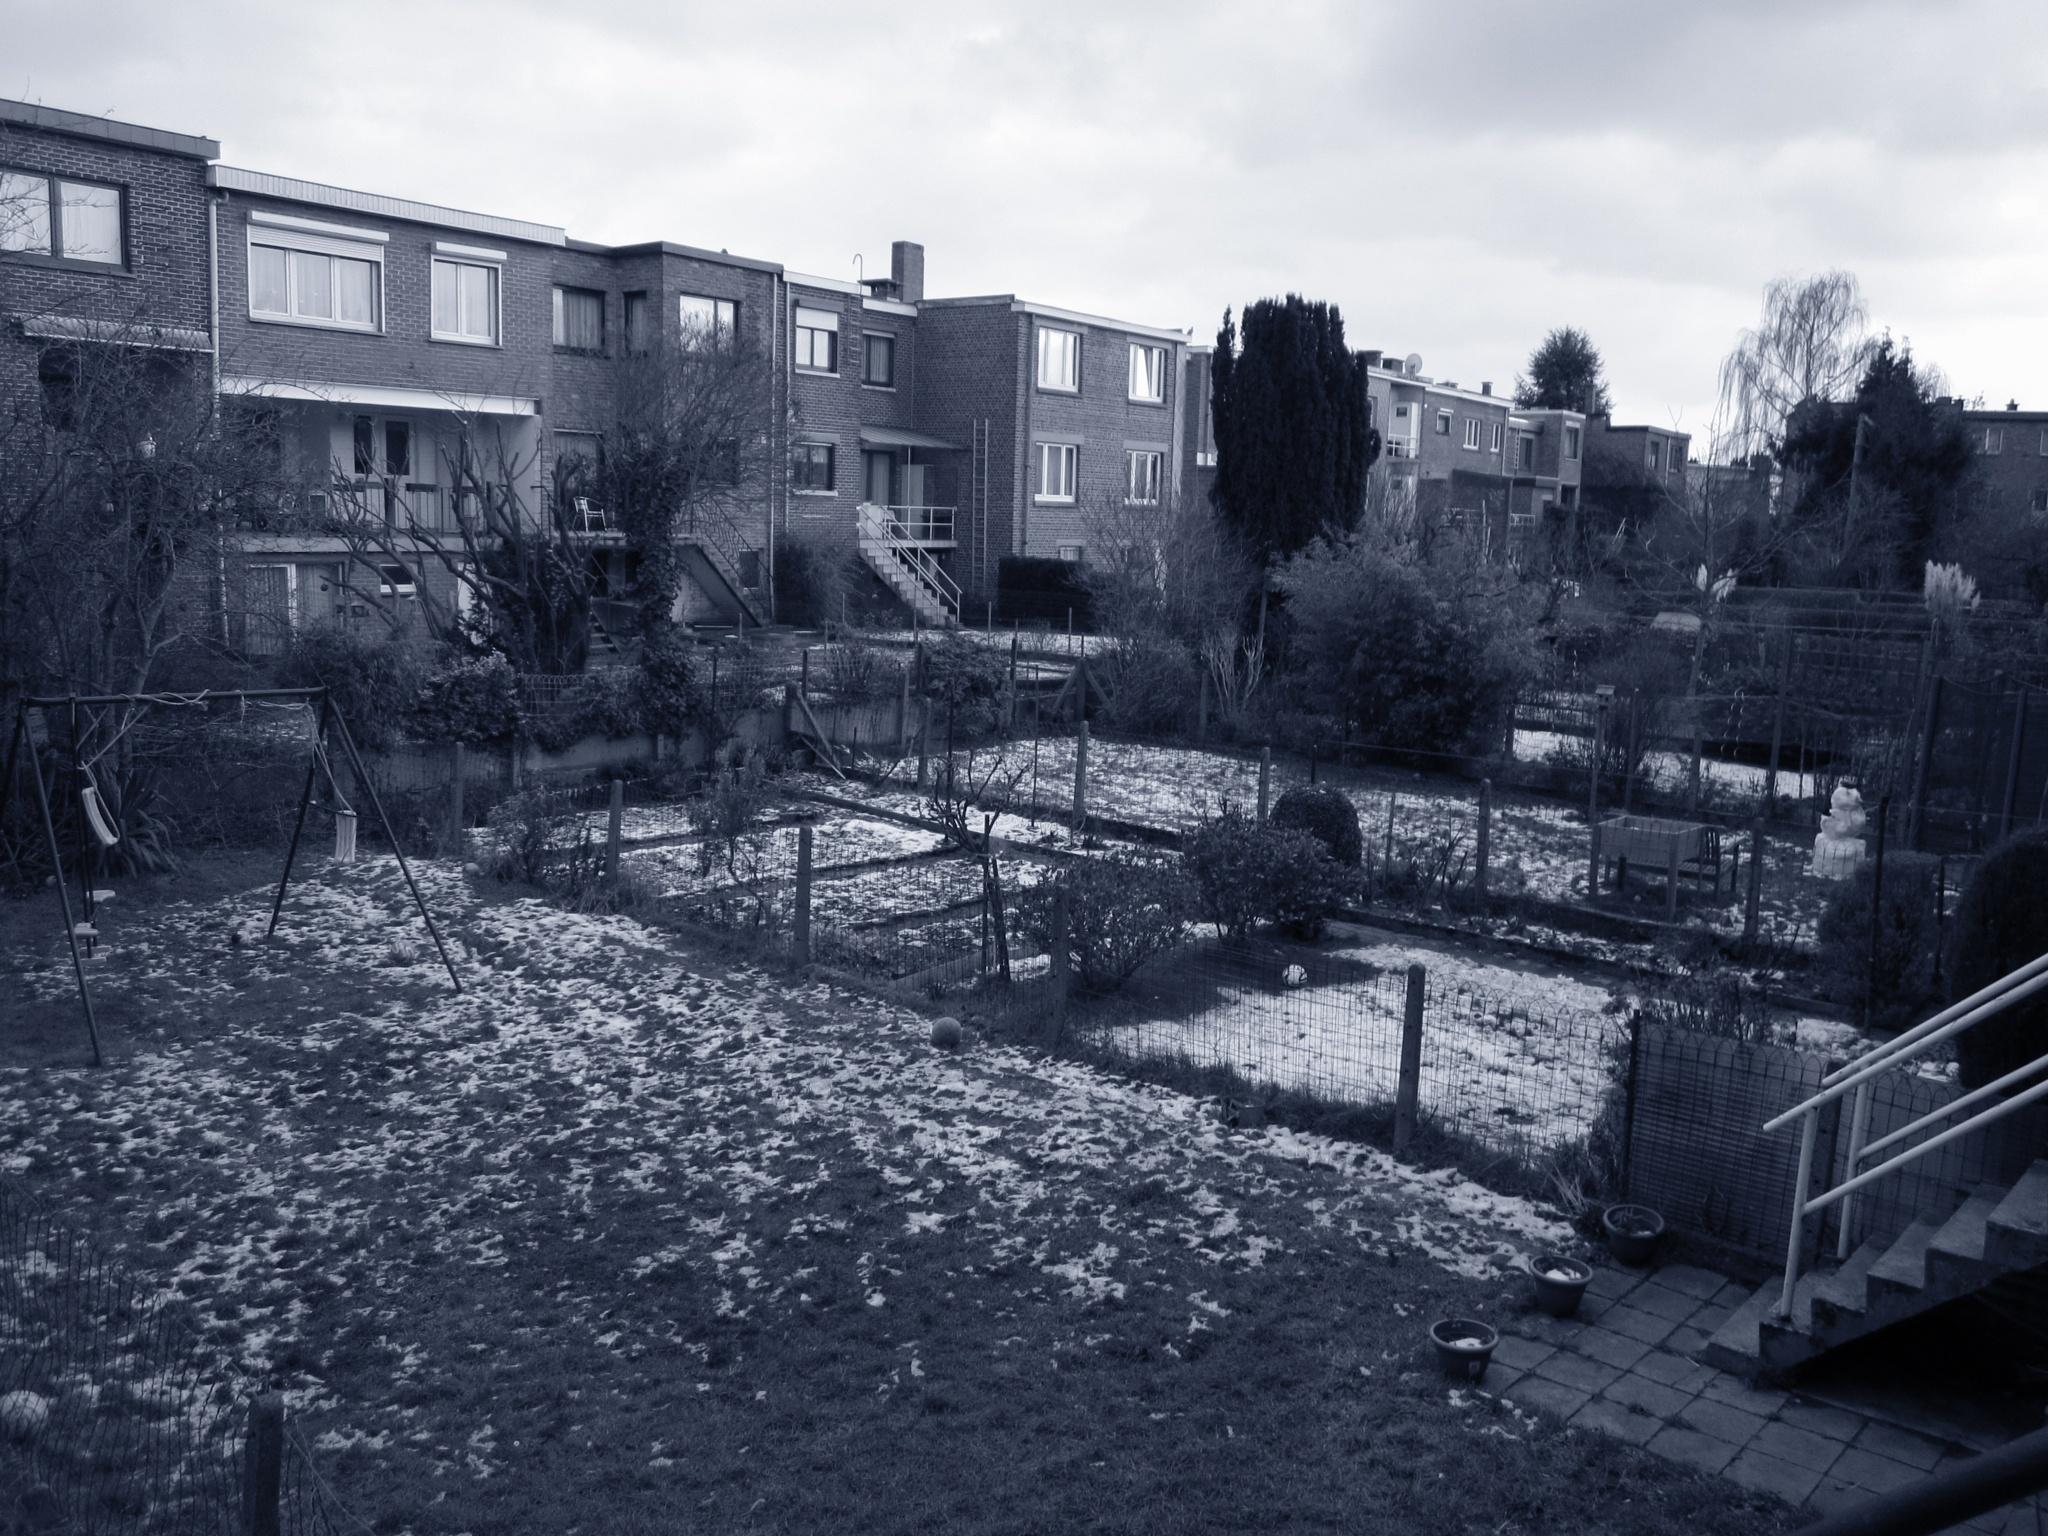 Début d'hiver by jplognoul